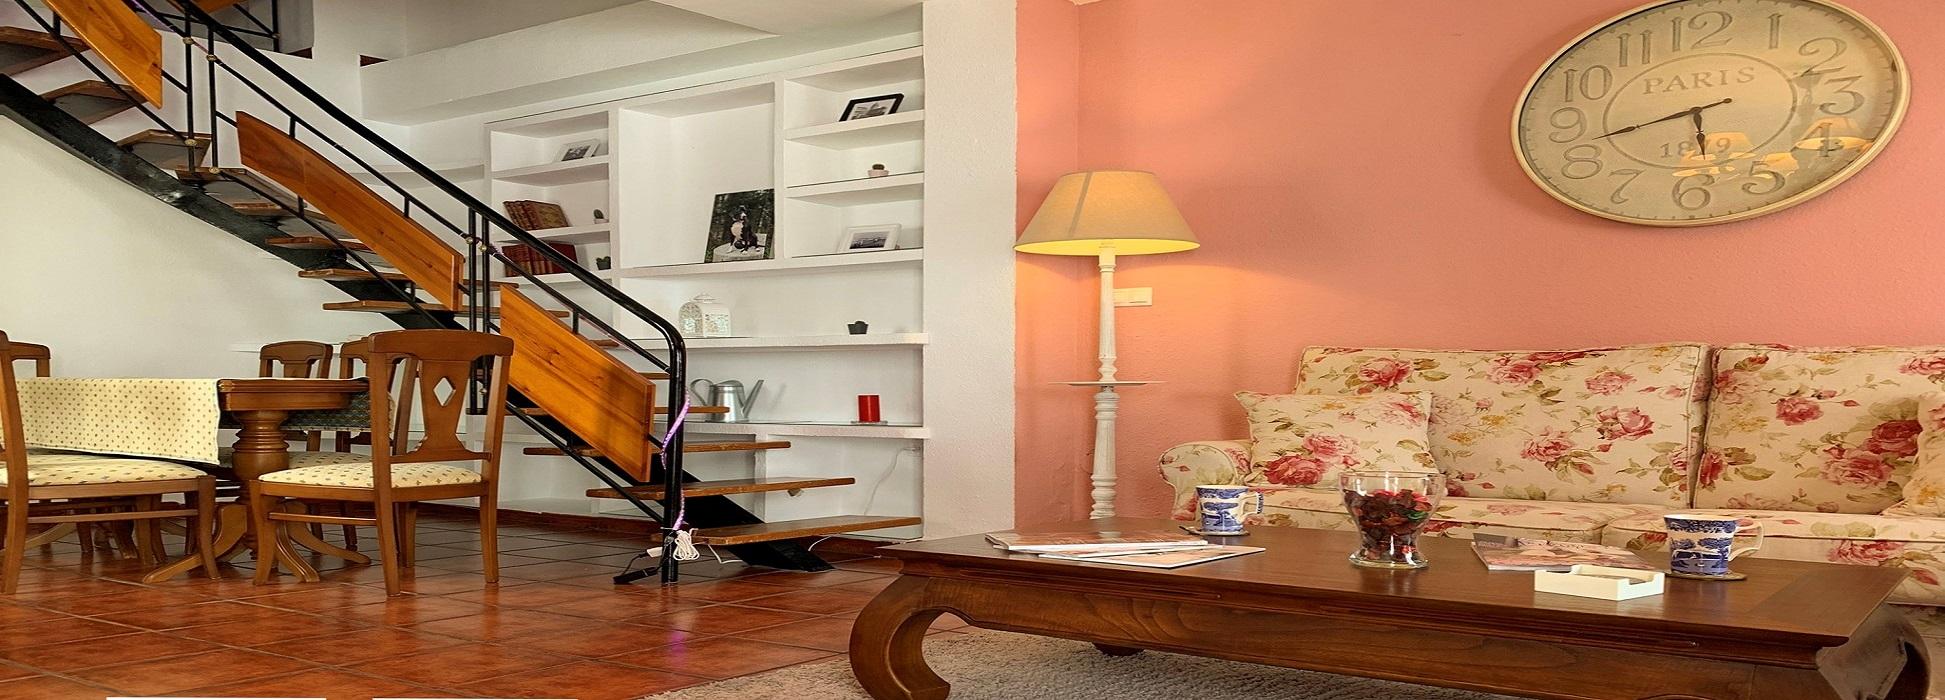 Penthouse / Duplex, Terrace, Central Ronda